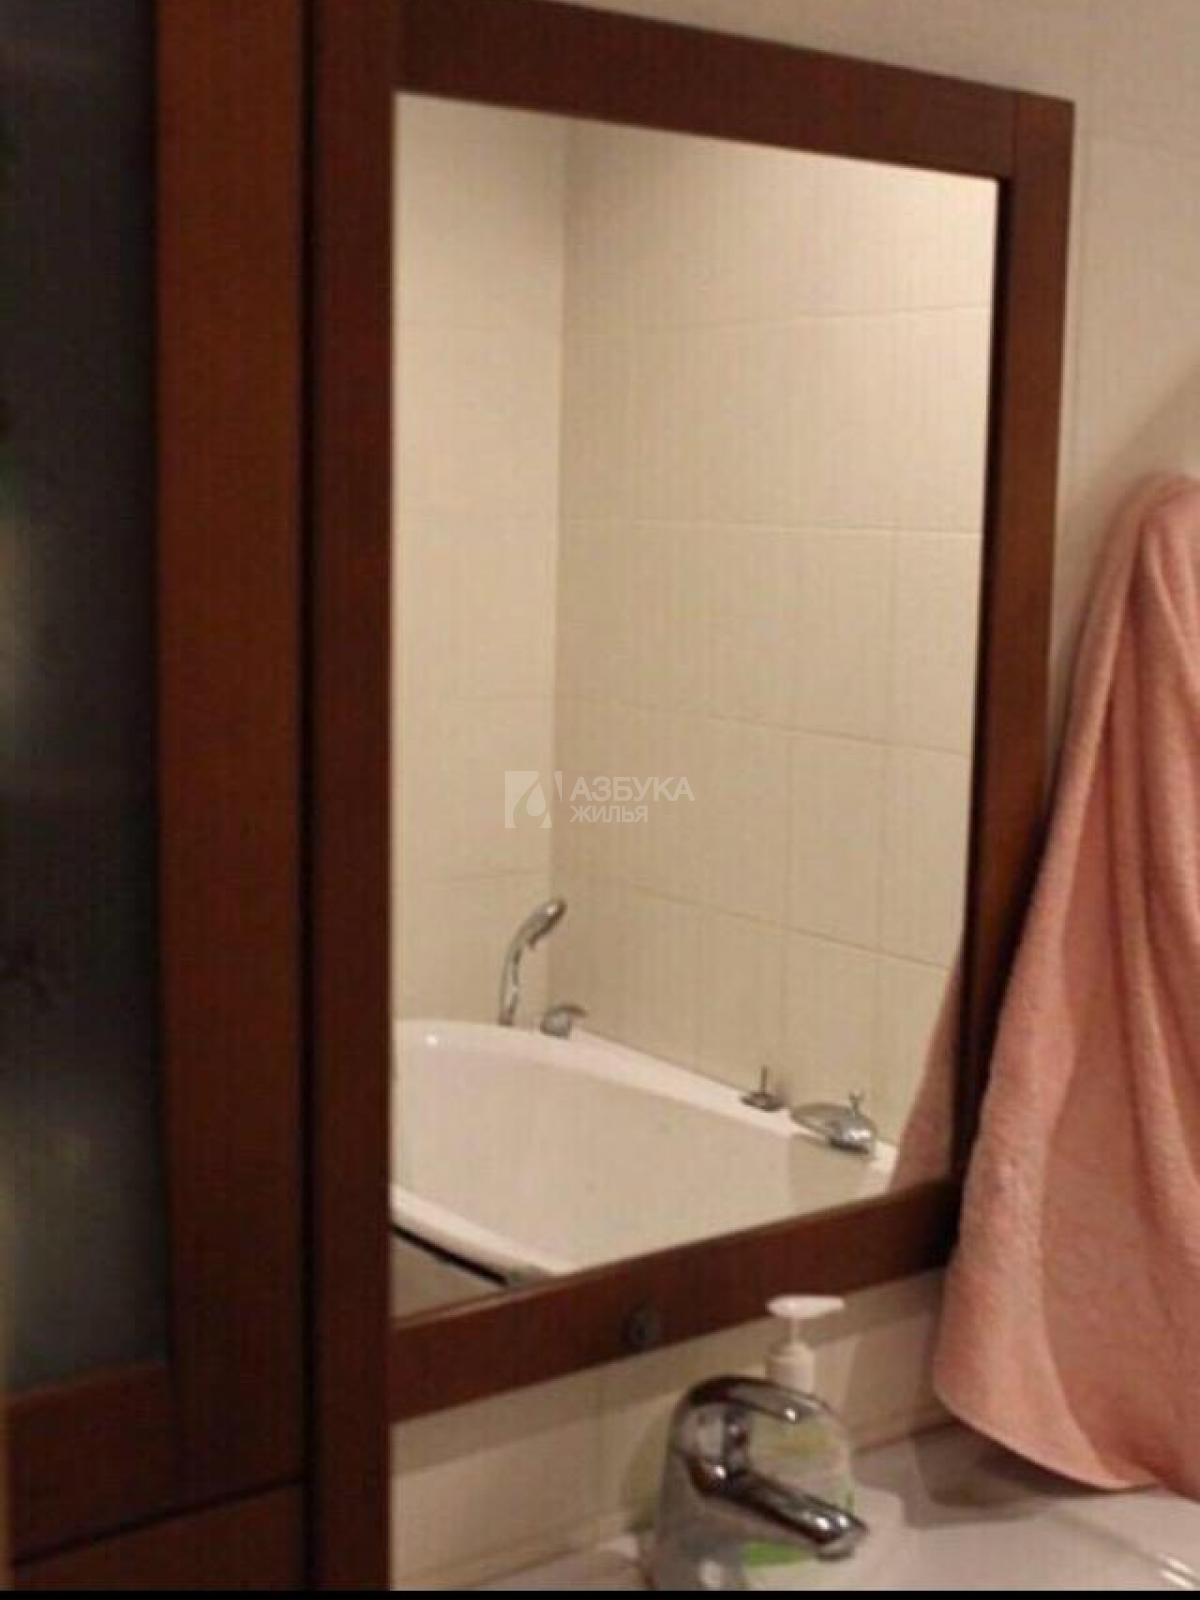 Фото №8 - 3-комнатная квартира, Одинцово, Можайское шоссе 80 корпус А, метро Кунцевская